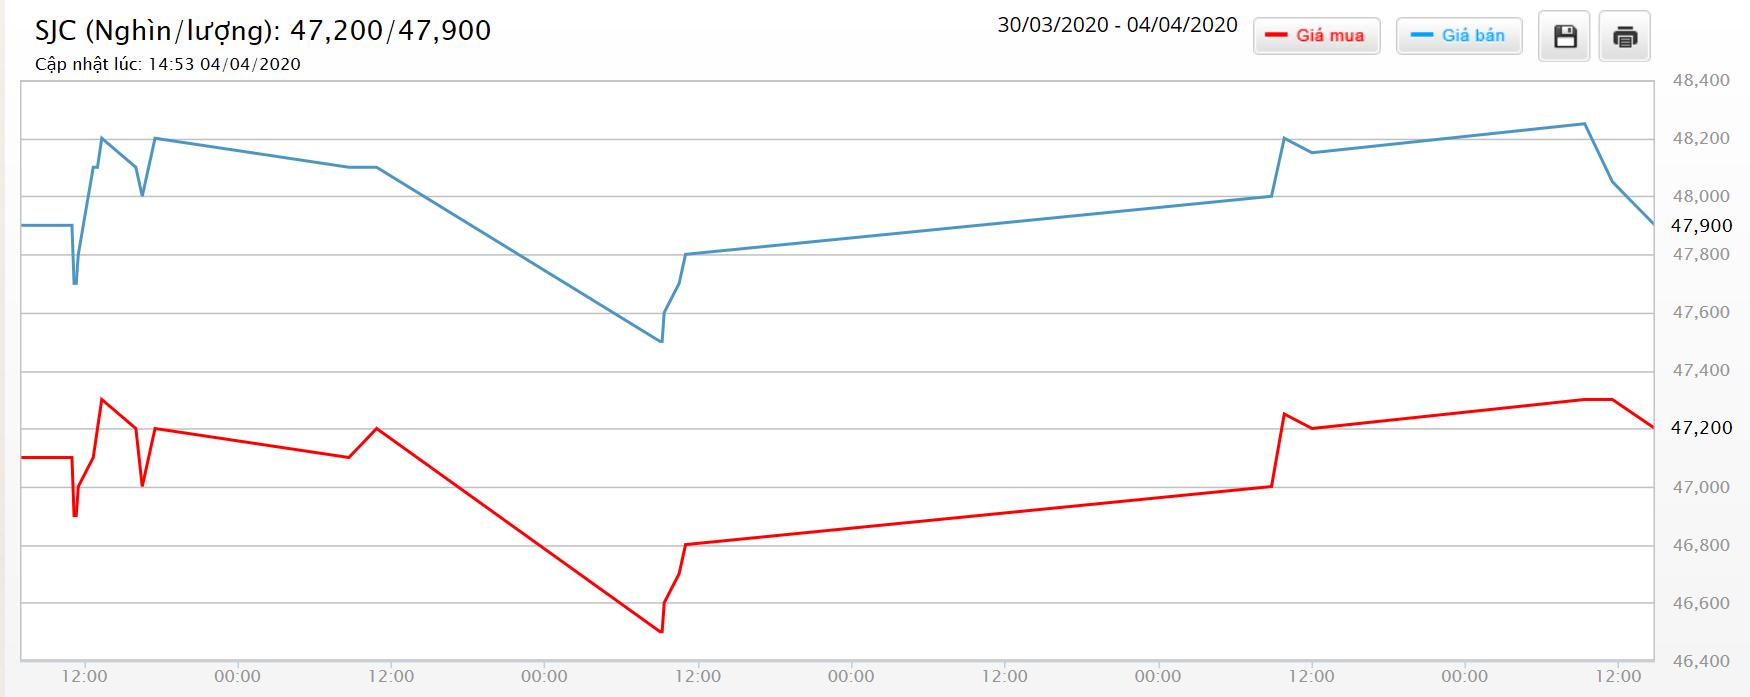 Giá vàng hôm nay 5/4: SJC tăng hơn 300.000 đồng/lượng sau một tuần, neo trên 48 triệu đồng/lượng - Ảnh 1.